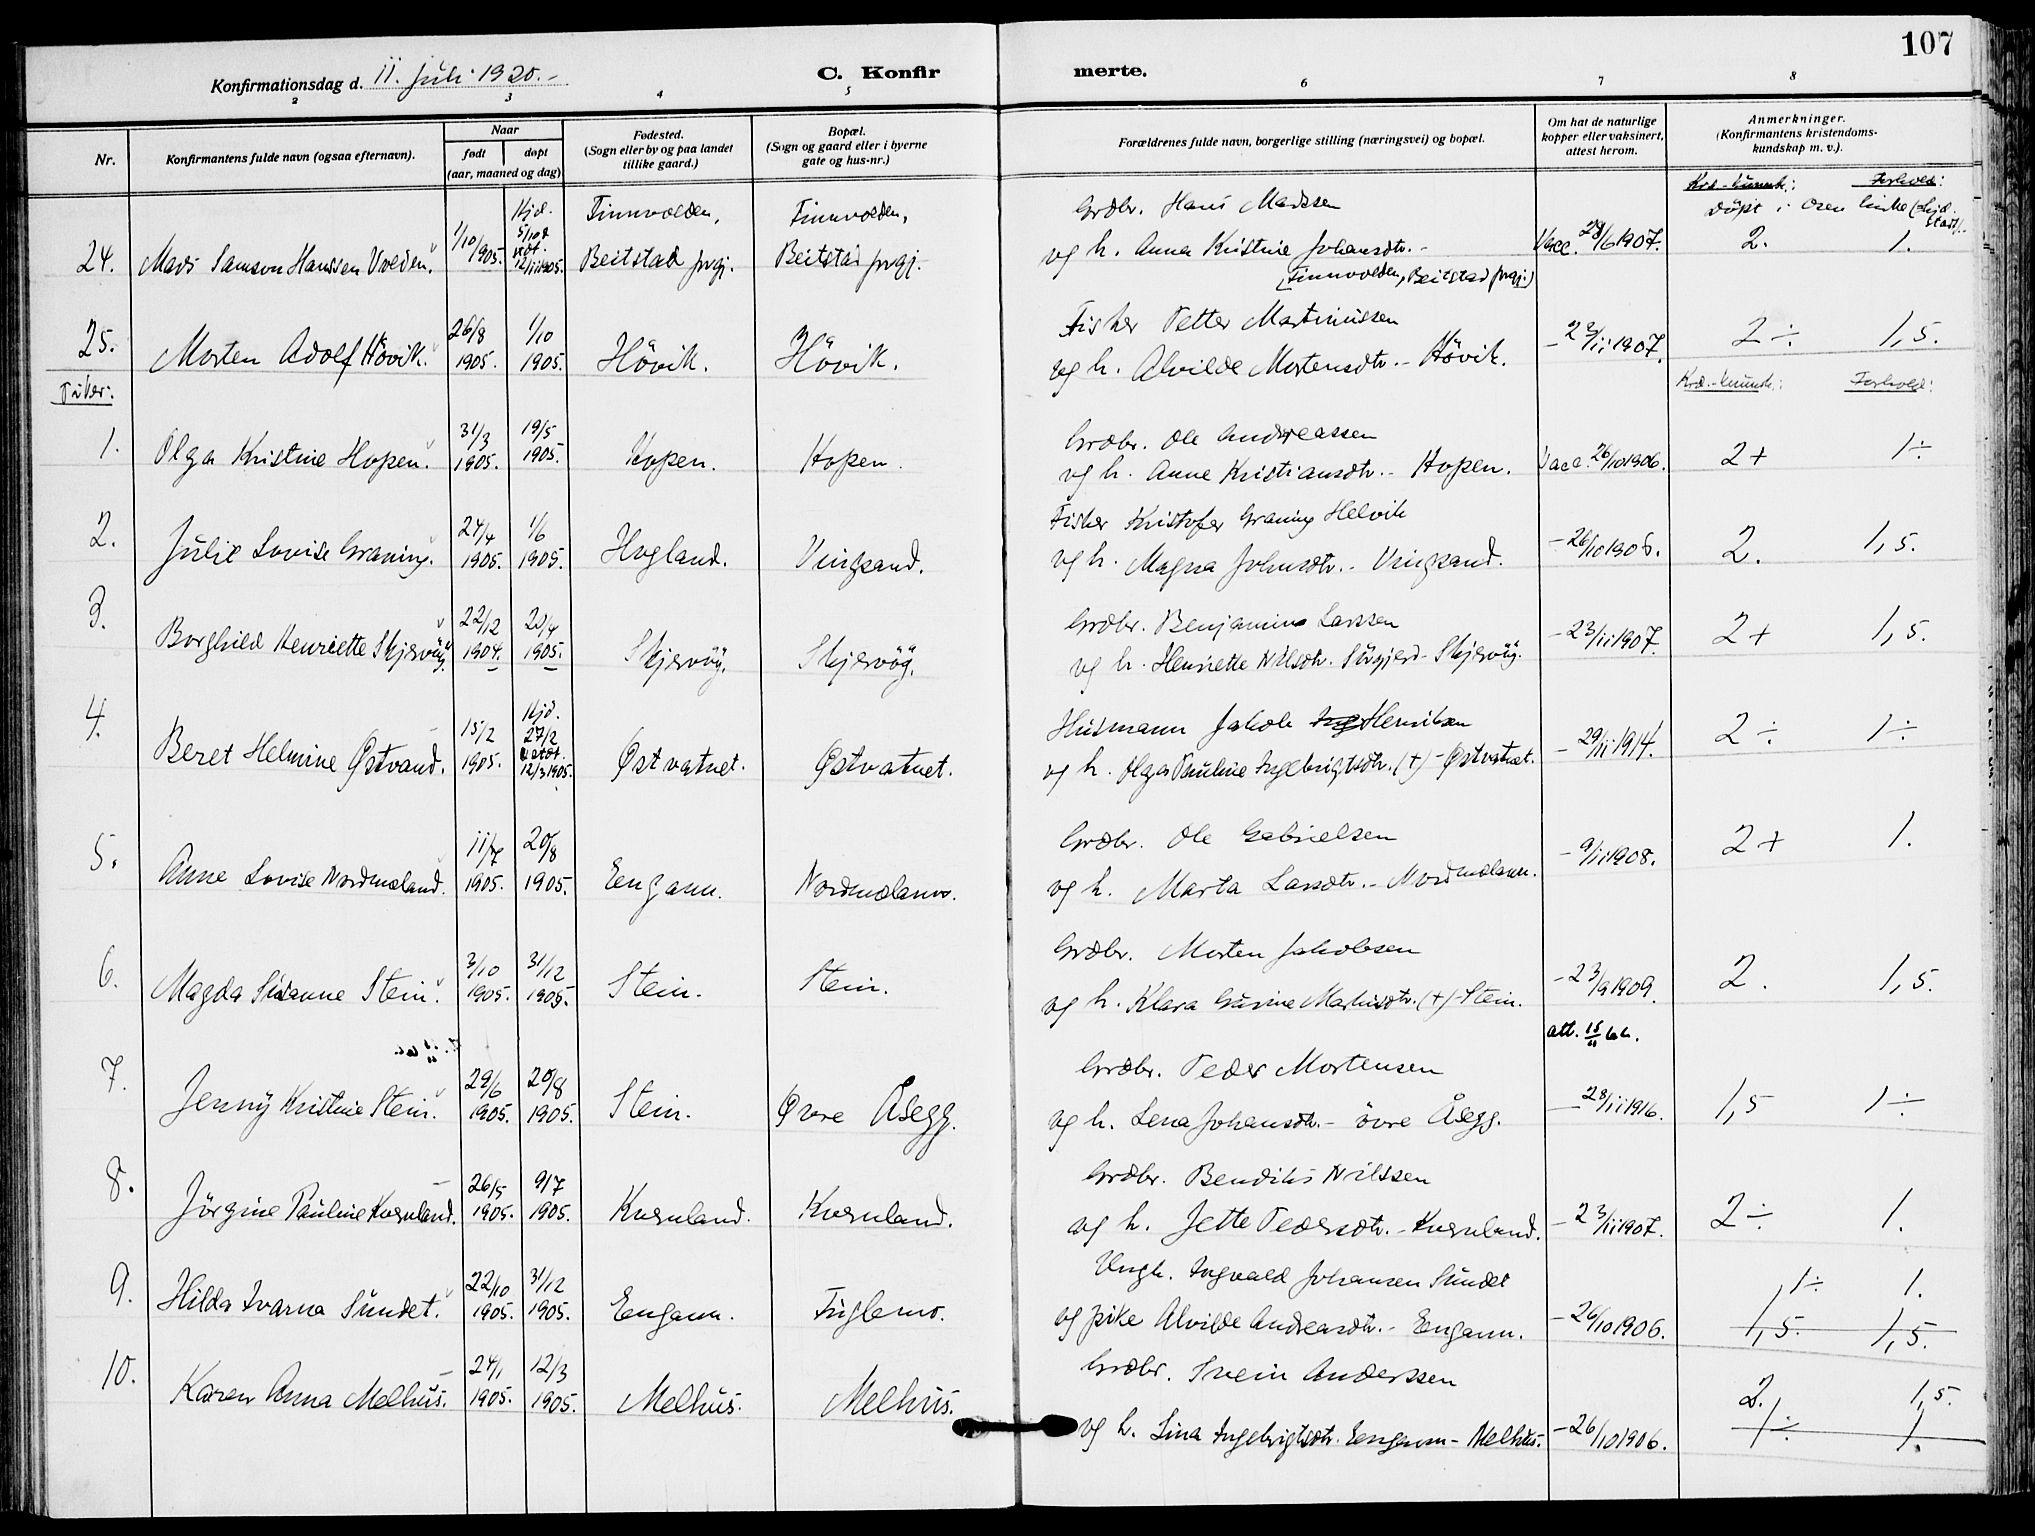 SAT, Ministerialprotokoller, klokkerbøker og fødselsregistre - Sør-Trøndelag, 658/L0724: Ministerialbok nr. 658A03, 1912-1924, s. 107